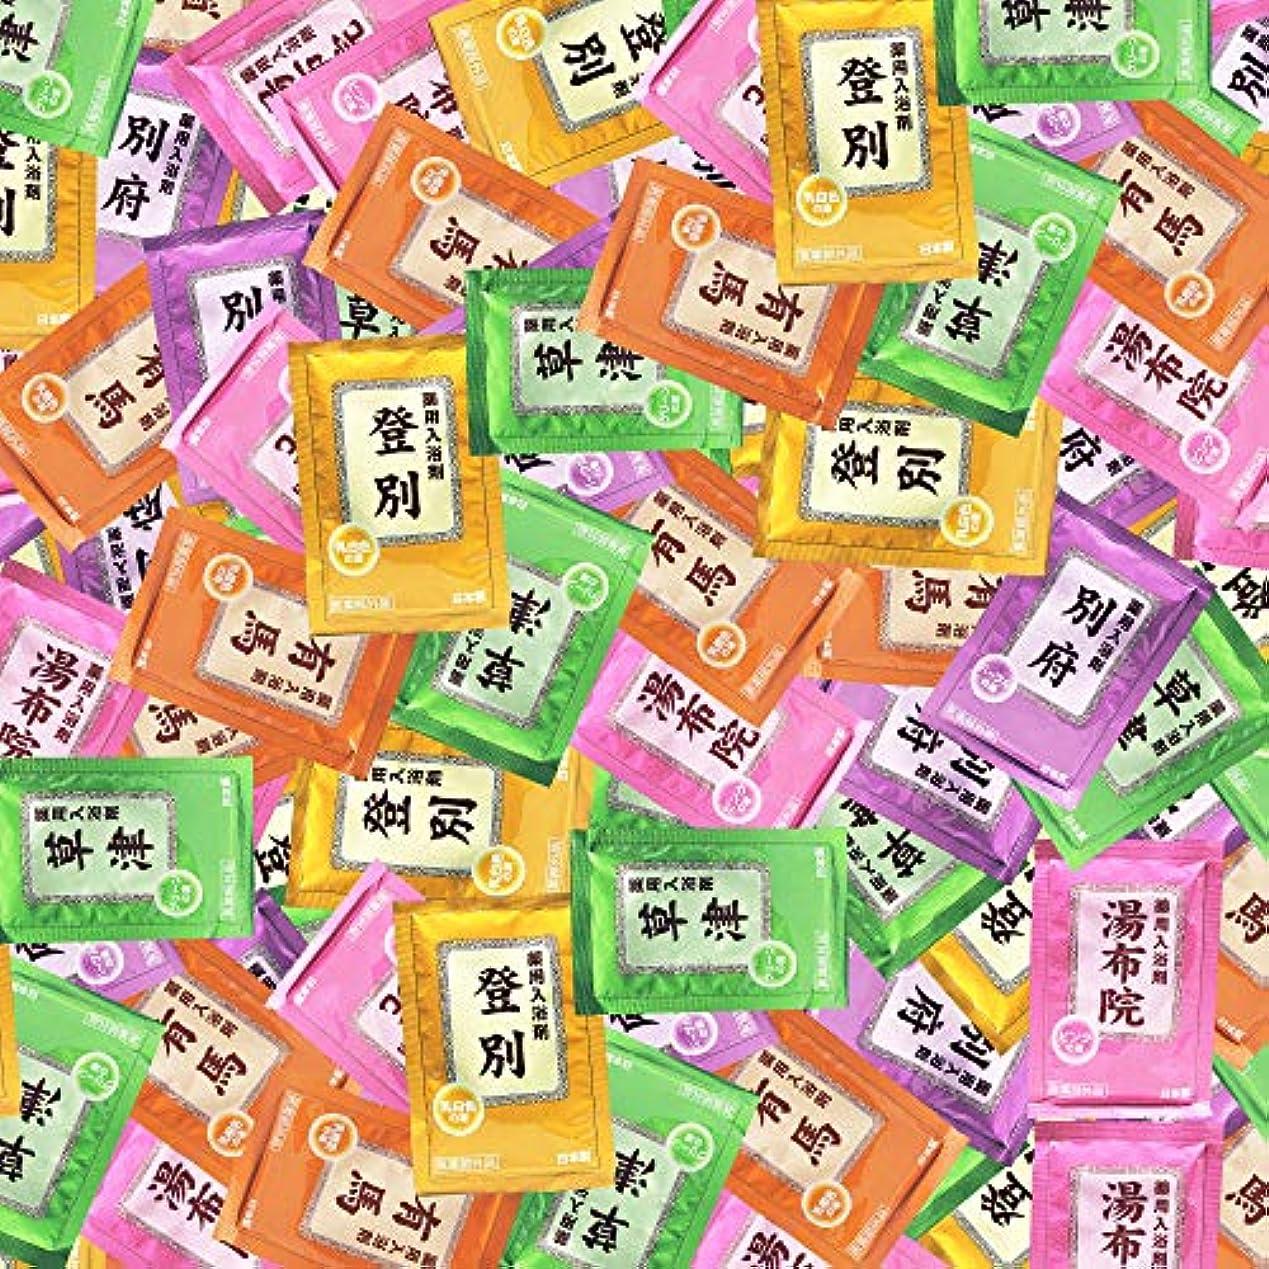 メロディアスジャンク服を片付ける入浴剤 ギフト プレゼント 湯宿めぐり 5種類 (200袋)セット